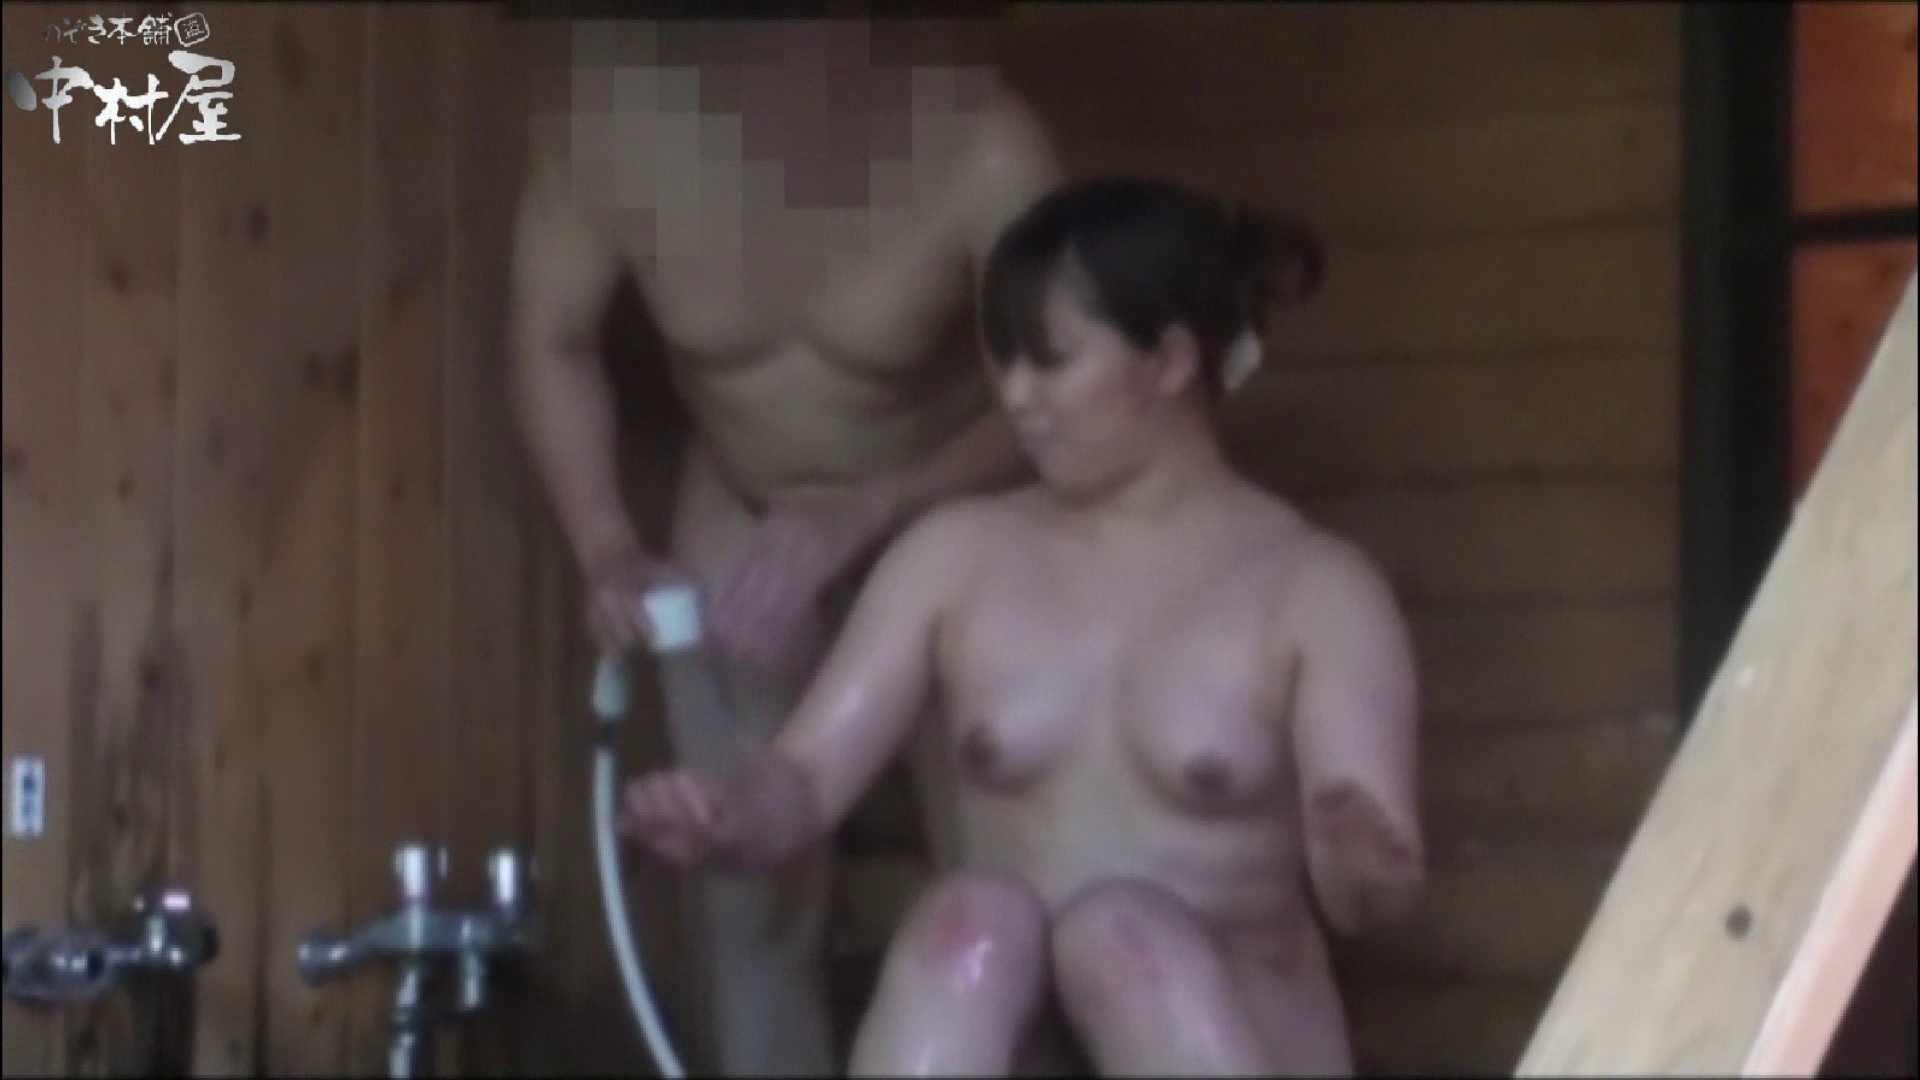 貸切露天 発情カップル! vol.03 露天風呂編 | 丸見え  110PIX 67